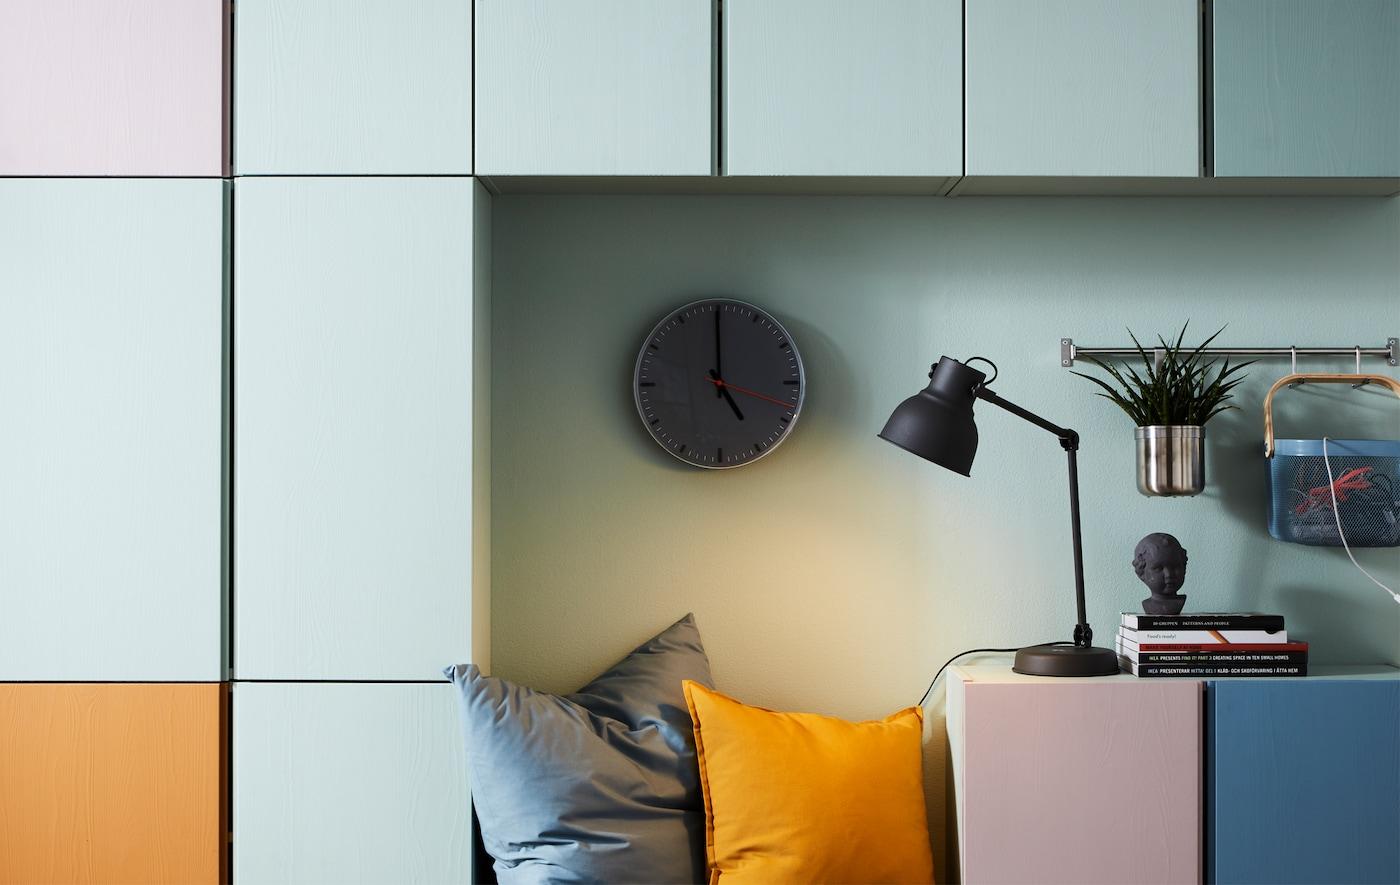 Rangements IVAR à codes couleurs sur un mur, avec de l'orange, du blanc, du bleu et du rose.